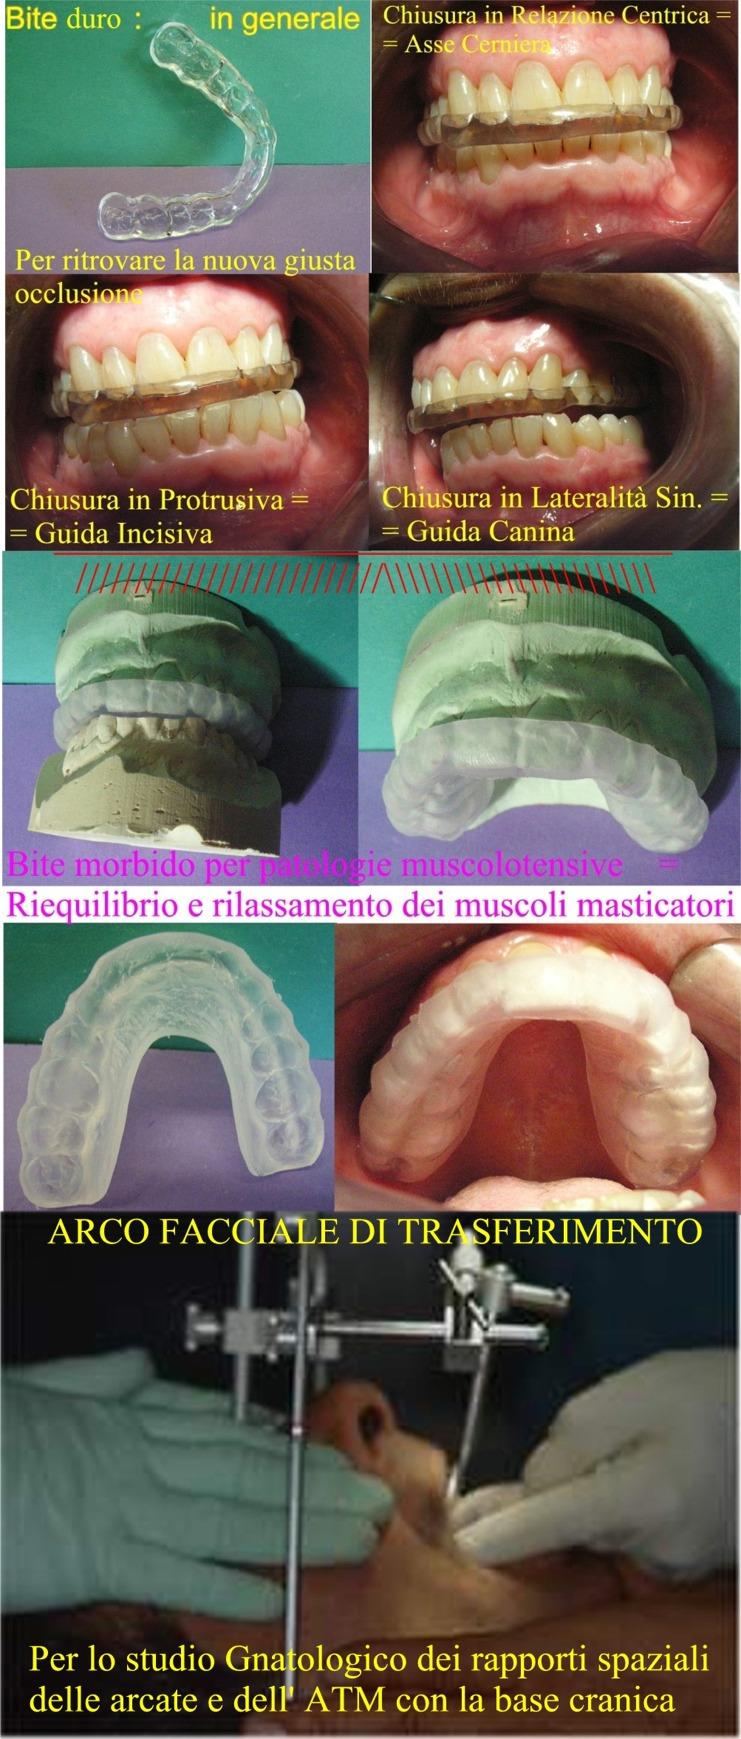 Diversi tipi di Bite e Arco Facciale di Trasferimento durante Visita Gnatologica. Da casistica del Dr. Gustavo Petti Gnatologo e Parodontologo in Cagliari